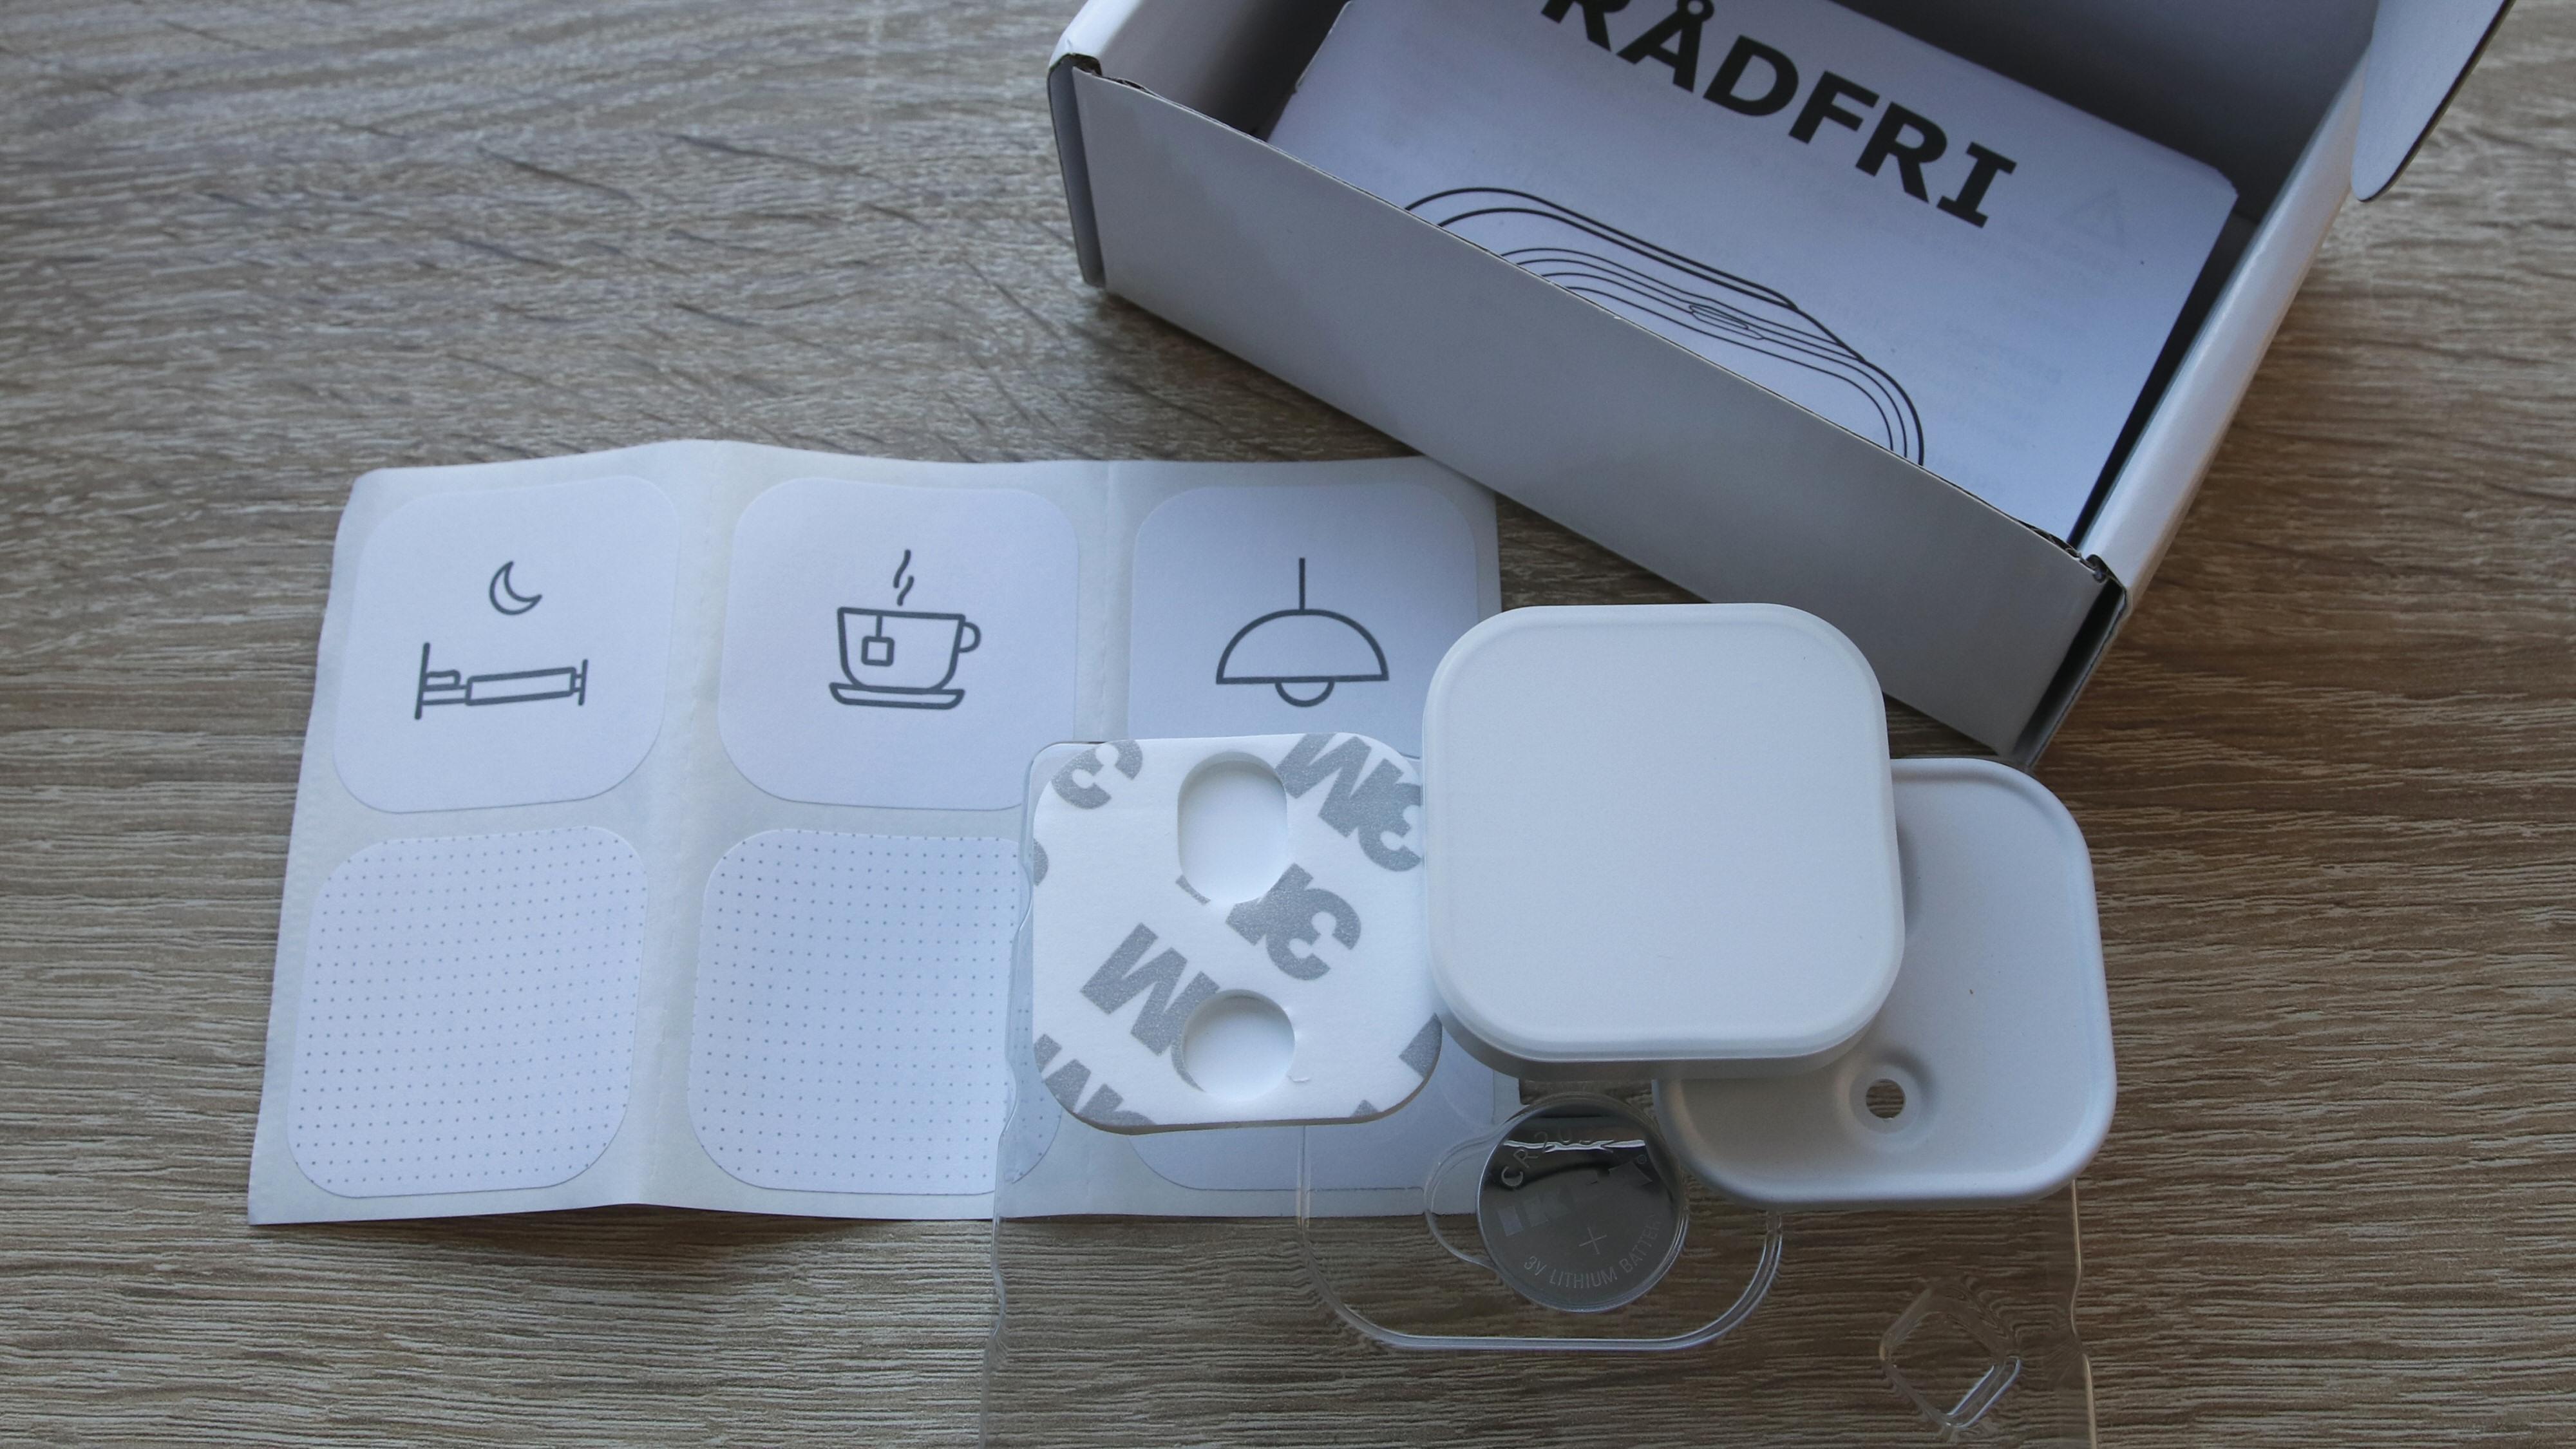 Full pakke: Knapp, batteri, festeplate, teip, klistremerker og enkel dokumentasjon. Eventuelle skruer må du stå for selv.